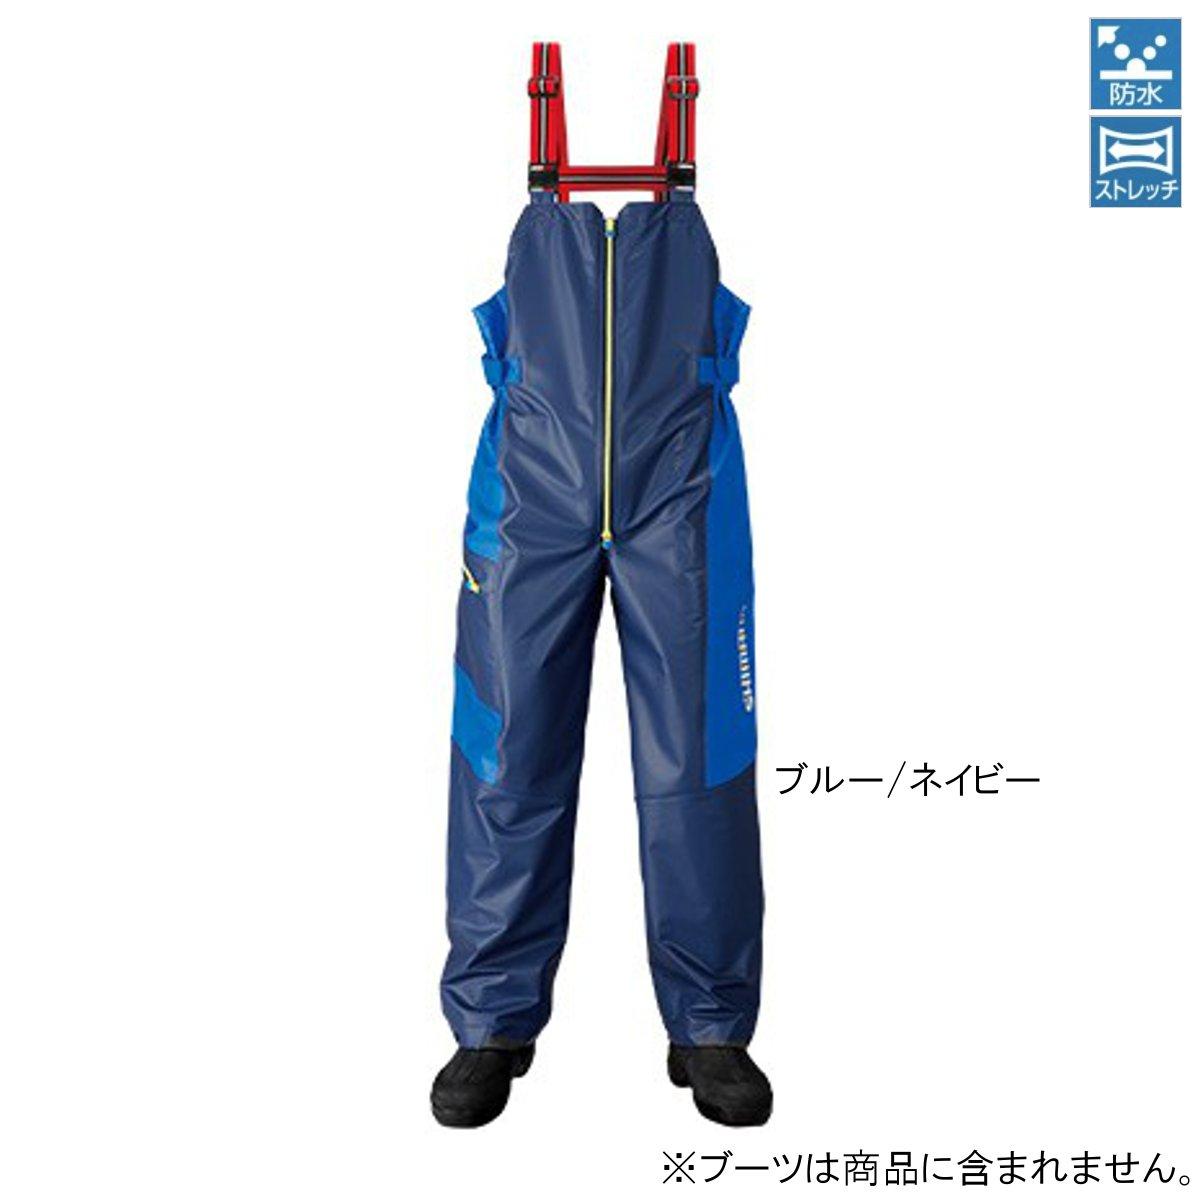 【8/1-2は夏の陣!最大P47倍!】シマノ マリンサロペット RA-03PN M ブルー/ネイビー(東日本店)